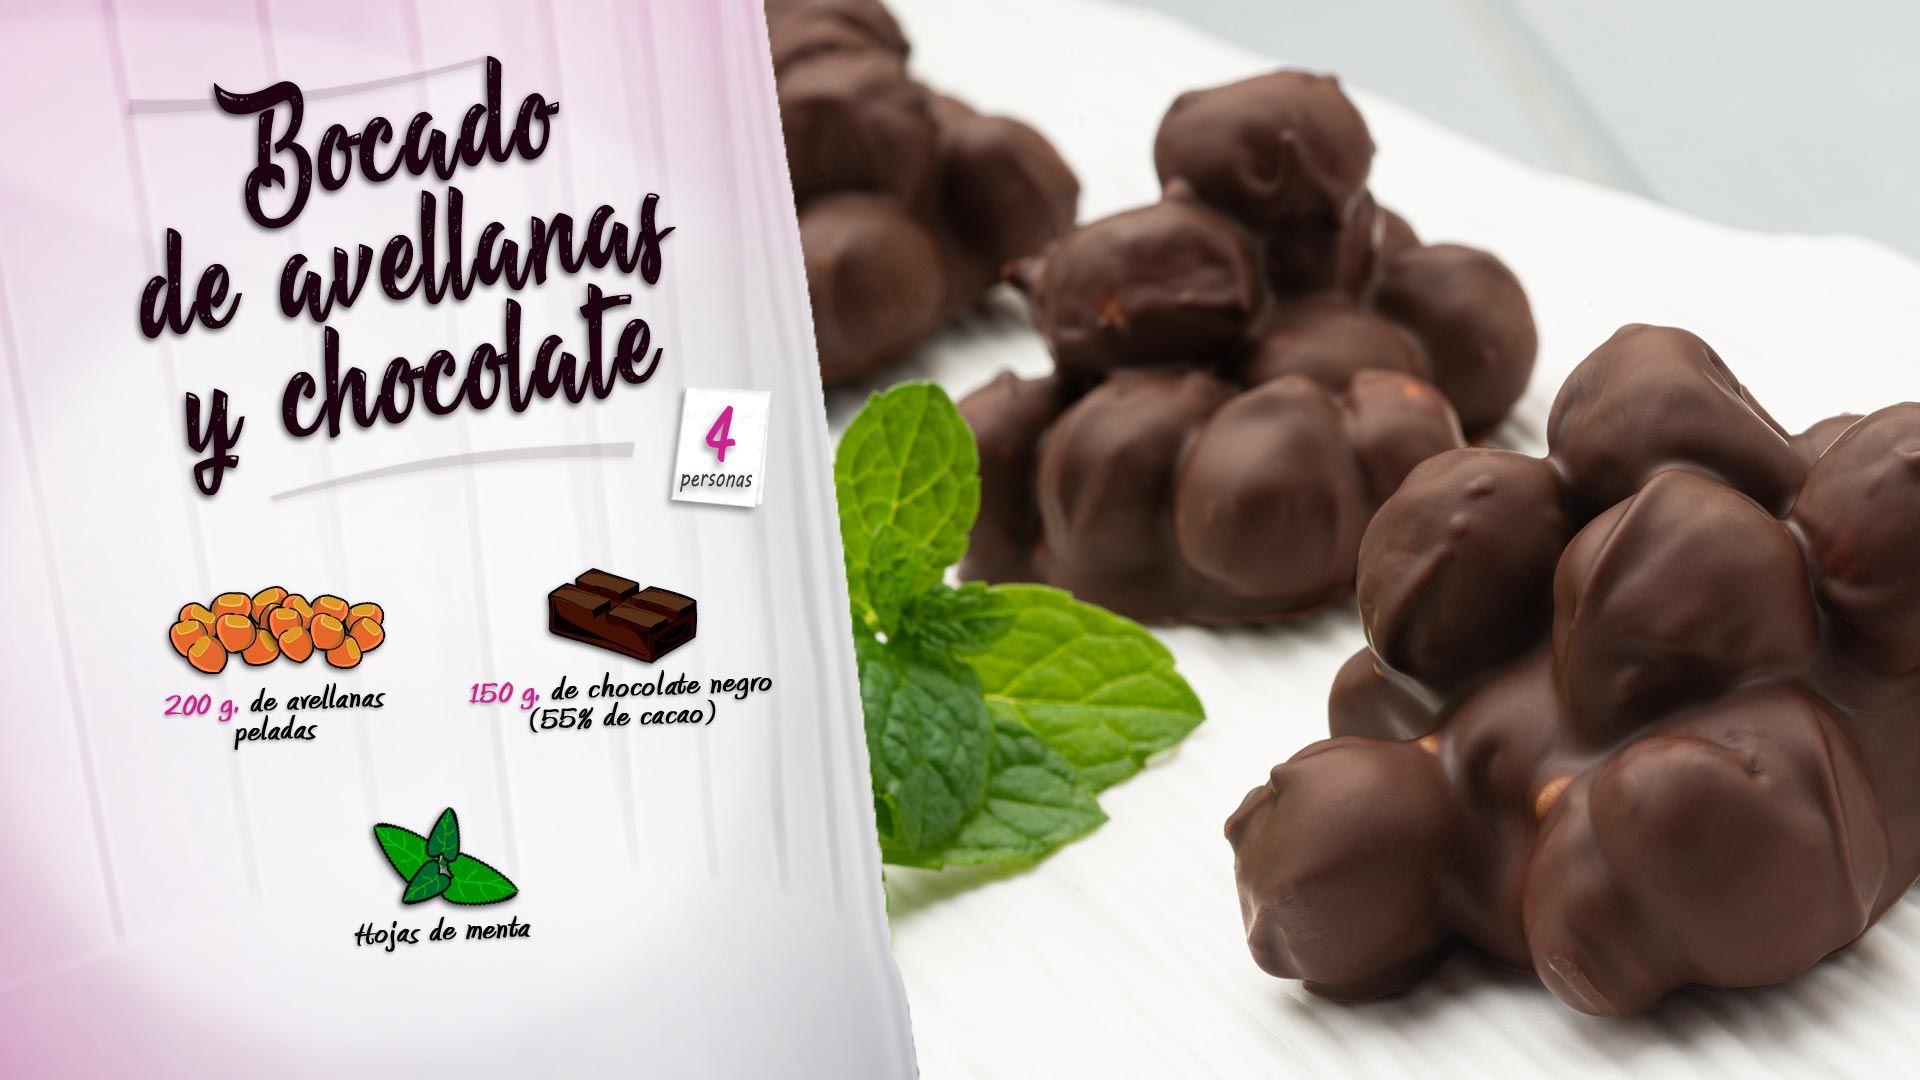 Bocado de avellanas y chocolate